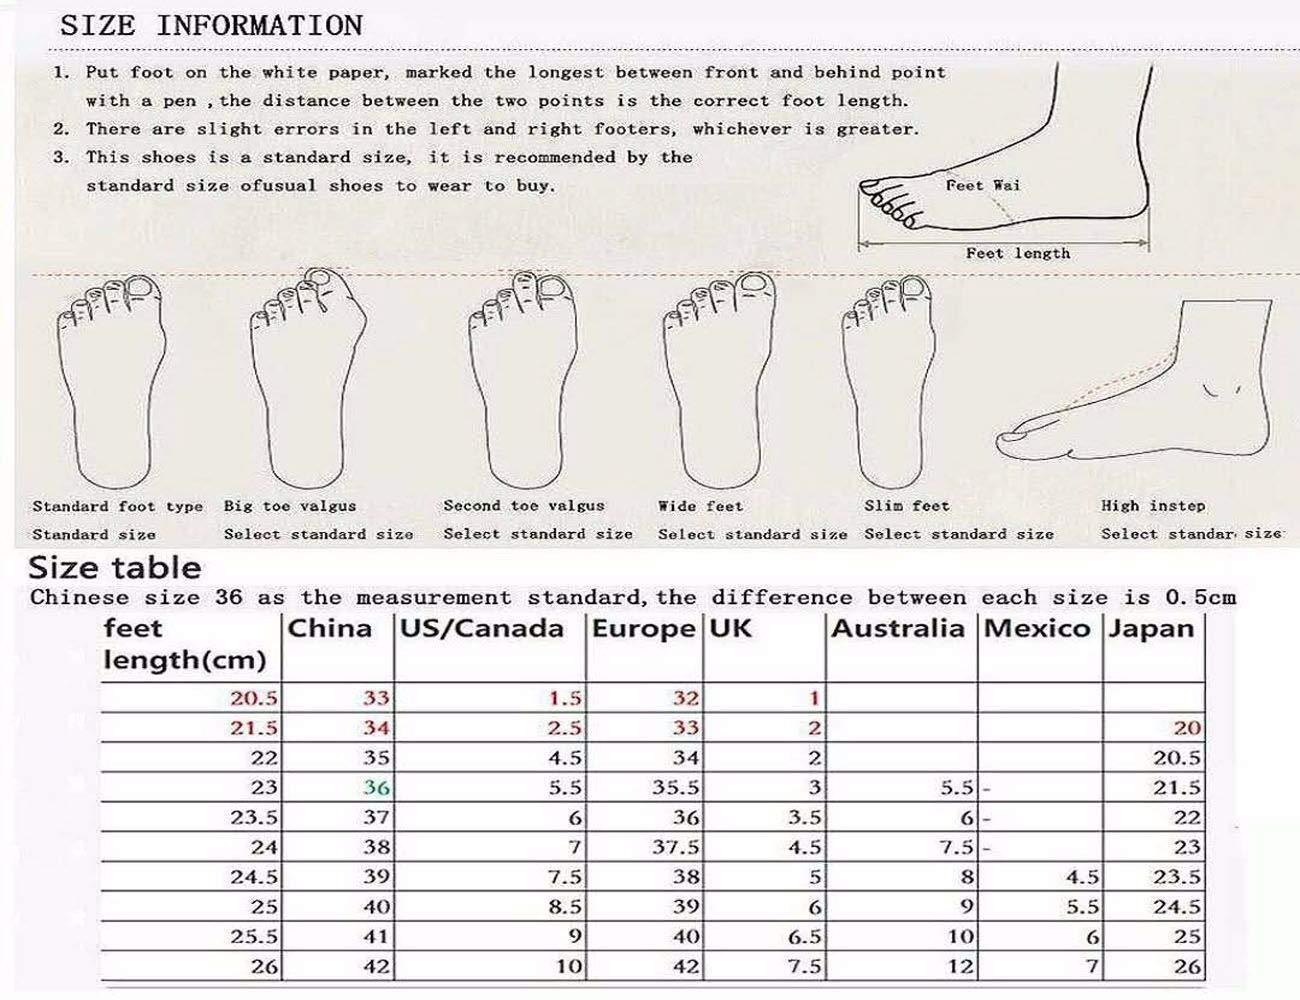 Jiang-zx Damenschuhe Leder Damenschuhe Martin Stiefel Stoff Stiefel Stiefel Stiefel Stiefel Wüstenstiefel Rhabarber Stiefel 6a046b